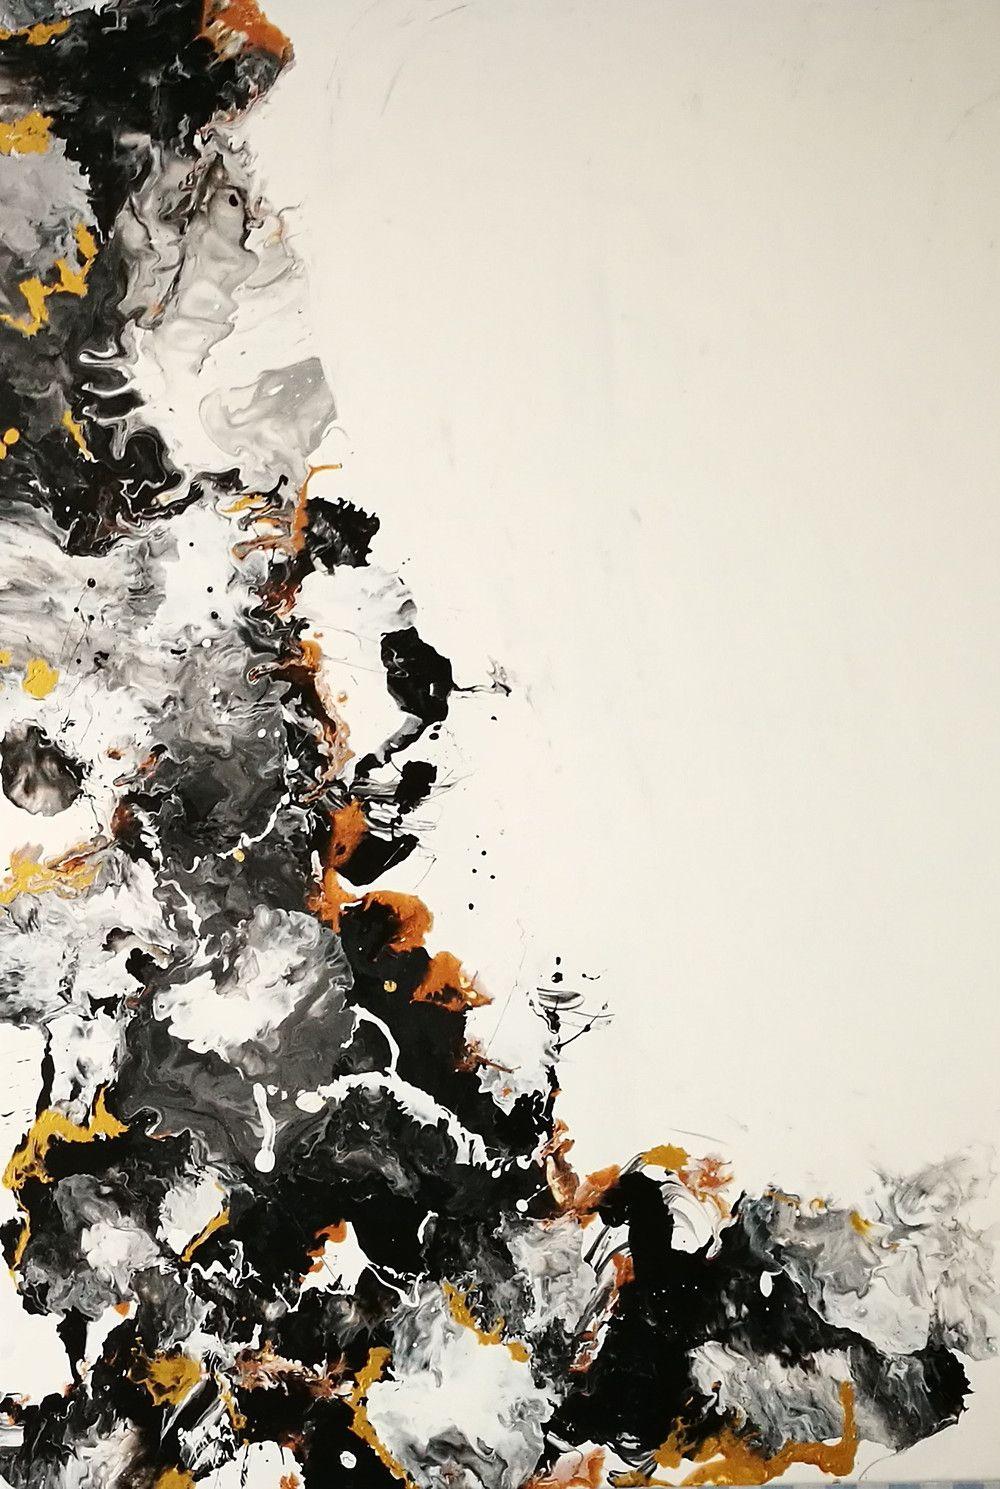 abstraktes in schwarz weiss und kupfer i etsy abstrakt acrylmalerei moderne acrylbilder meer